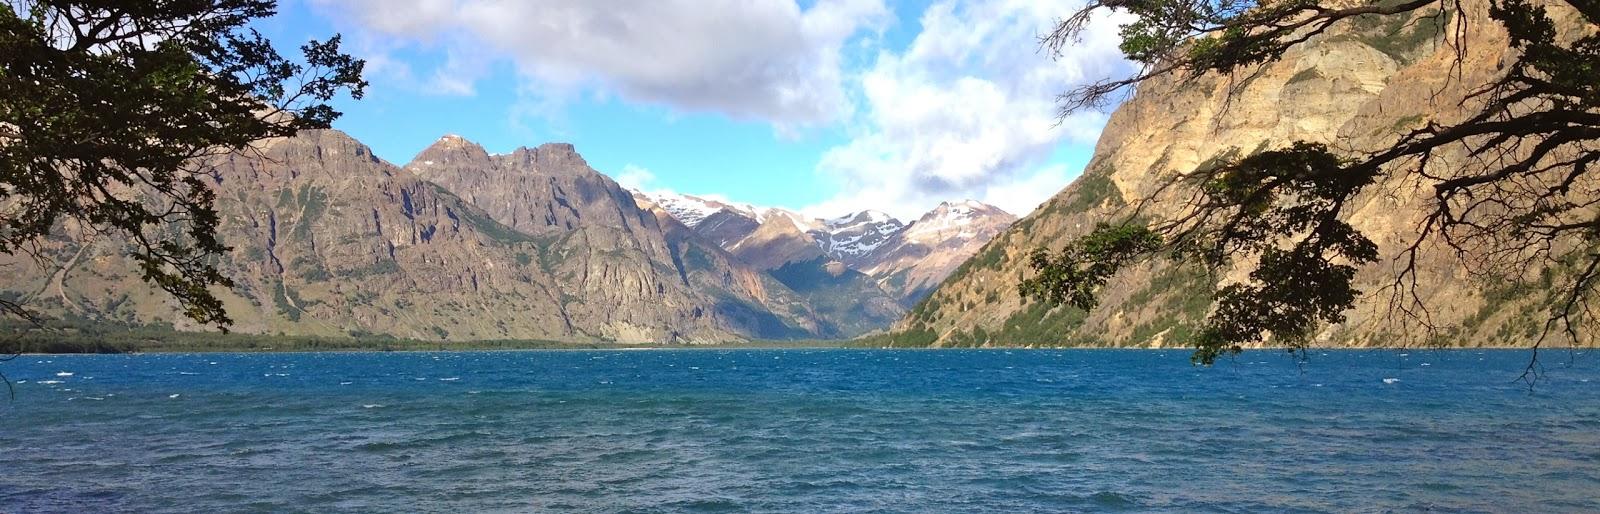 Озеро Хейнимени